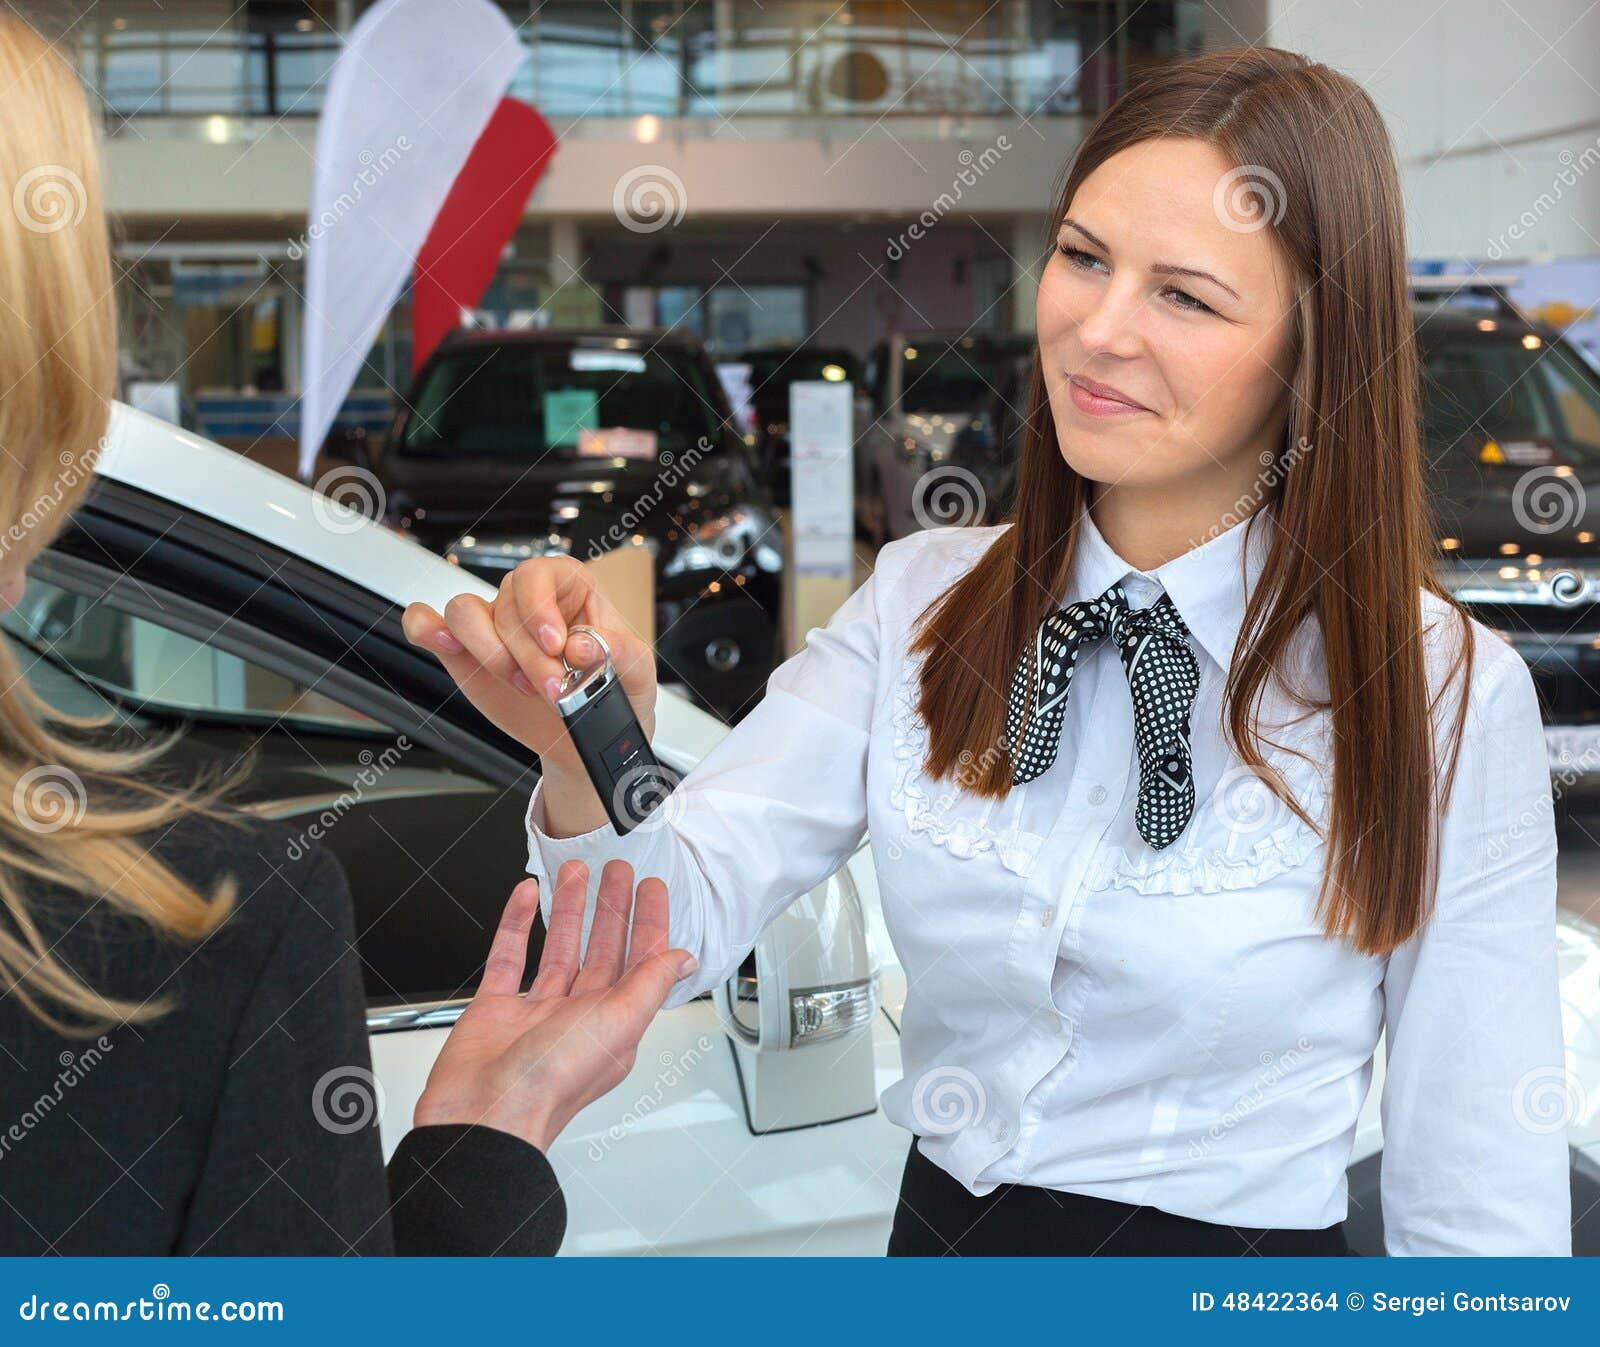 cl s de remise de vendeuse de voiture pour une nouvelle voiture la jeune femme photo stock. Black Bedroom Furniture Sets. Home Design Ideas